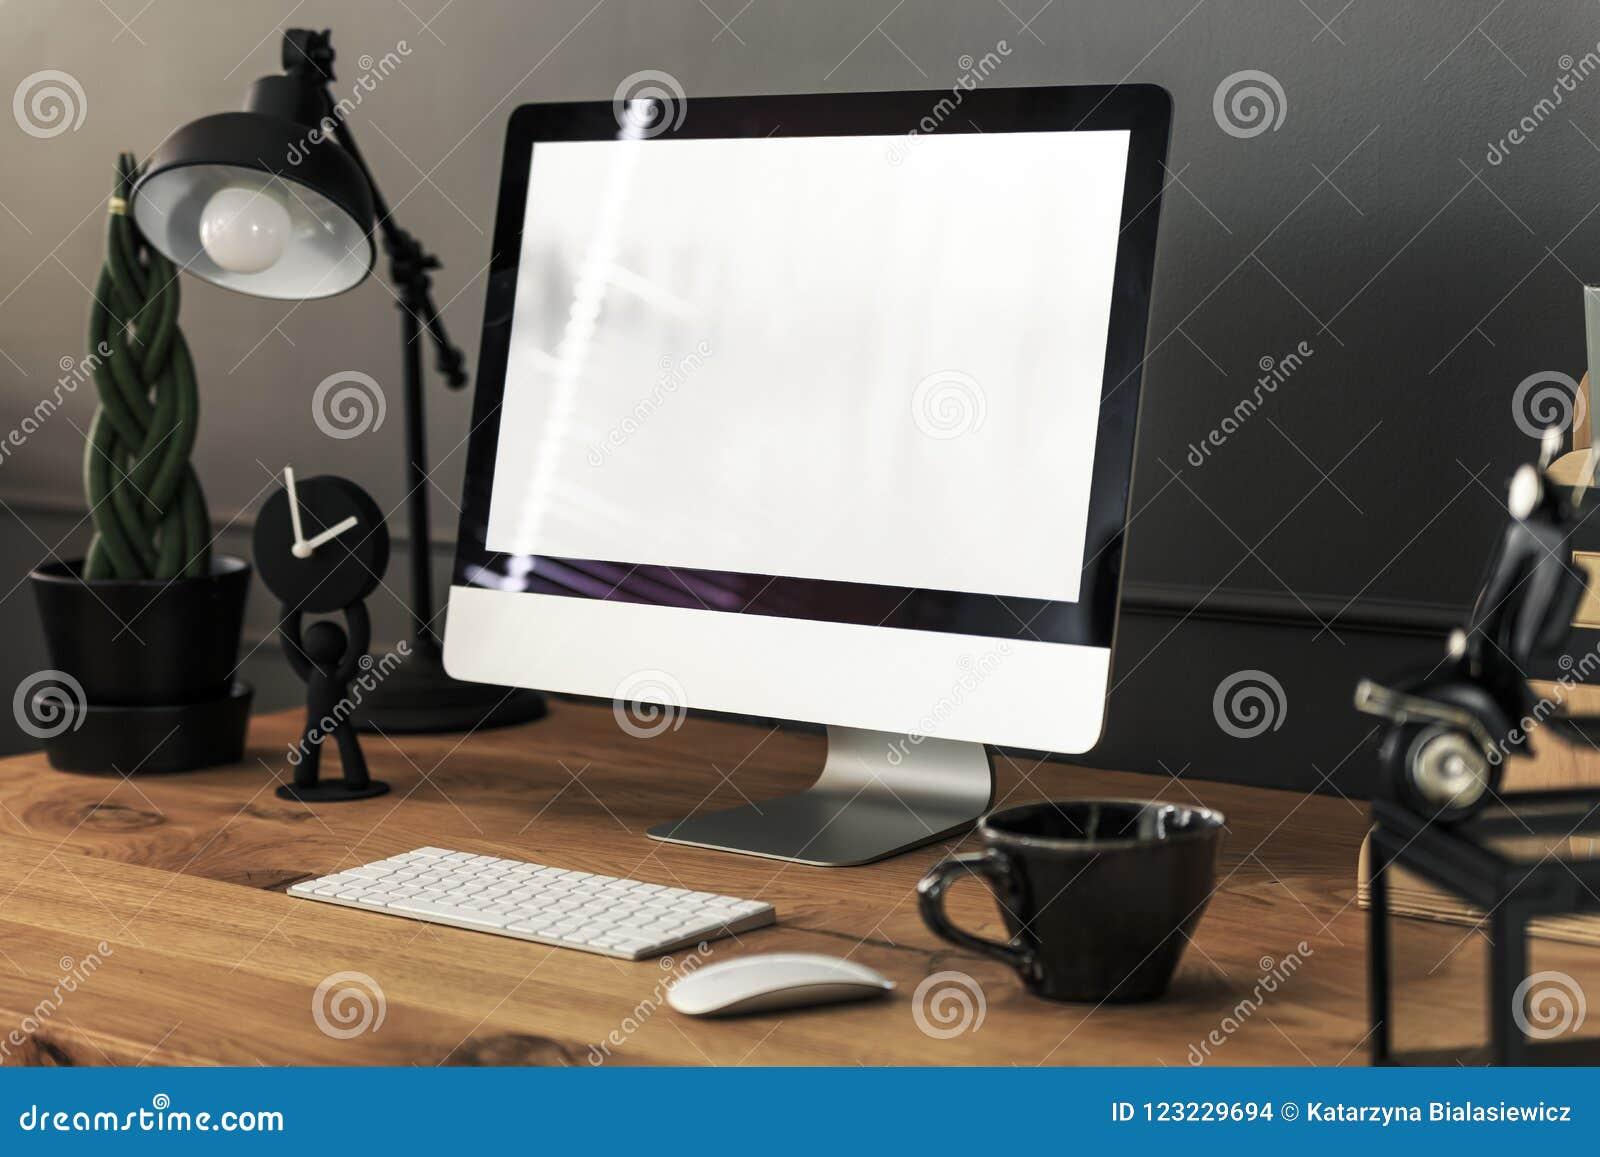 Klawiatura, mysz i komputer stacjonarny na drewnianym biurku z lampą wewnątrz,